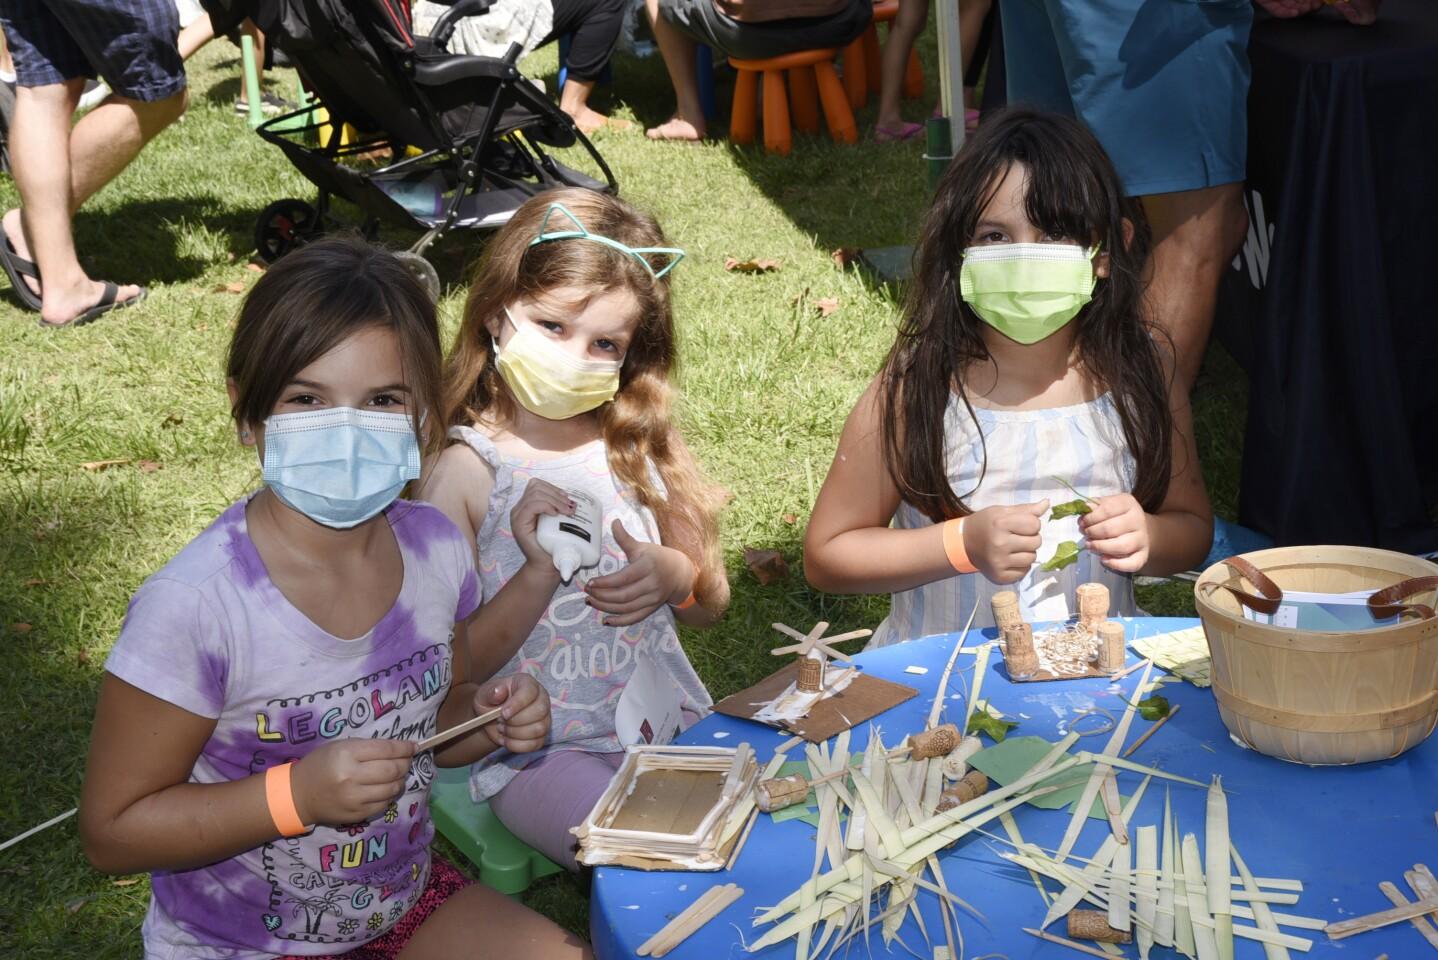 Rose, Ayva, and Veidachanel enjoyed to the crafts